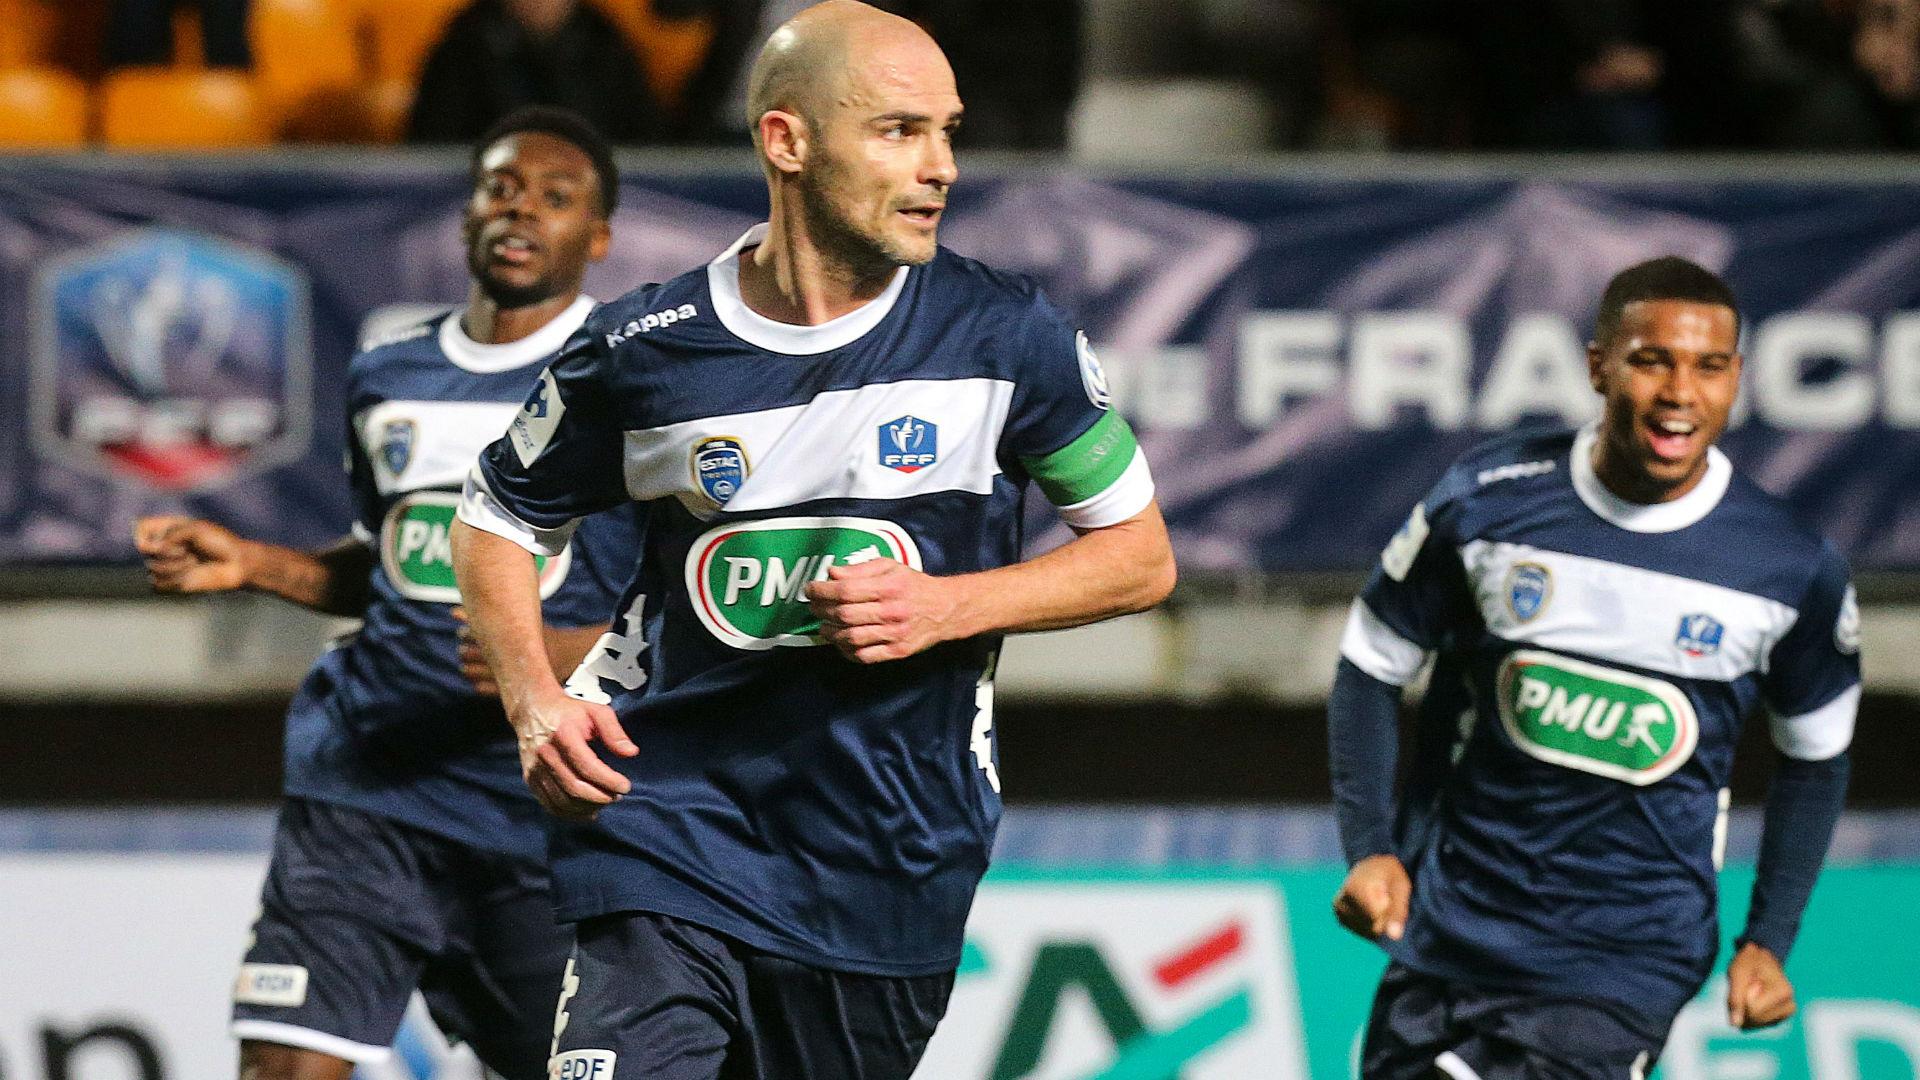 L'OL face à Montpellier en 8e de finale — Coupe de France